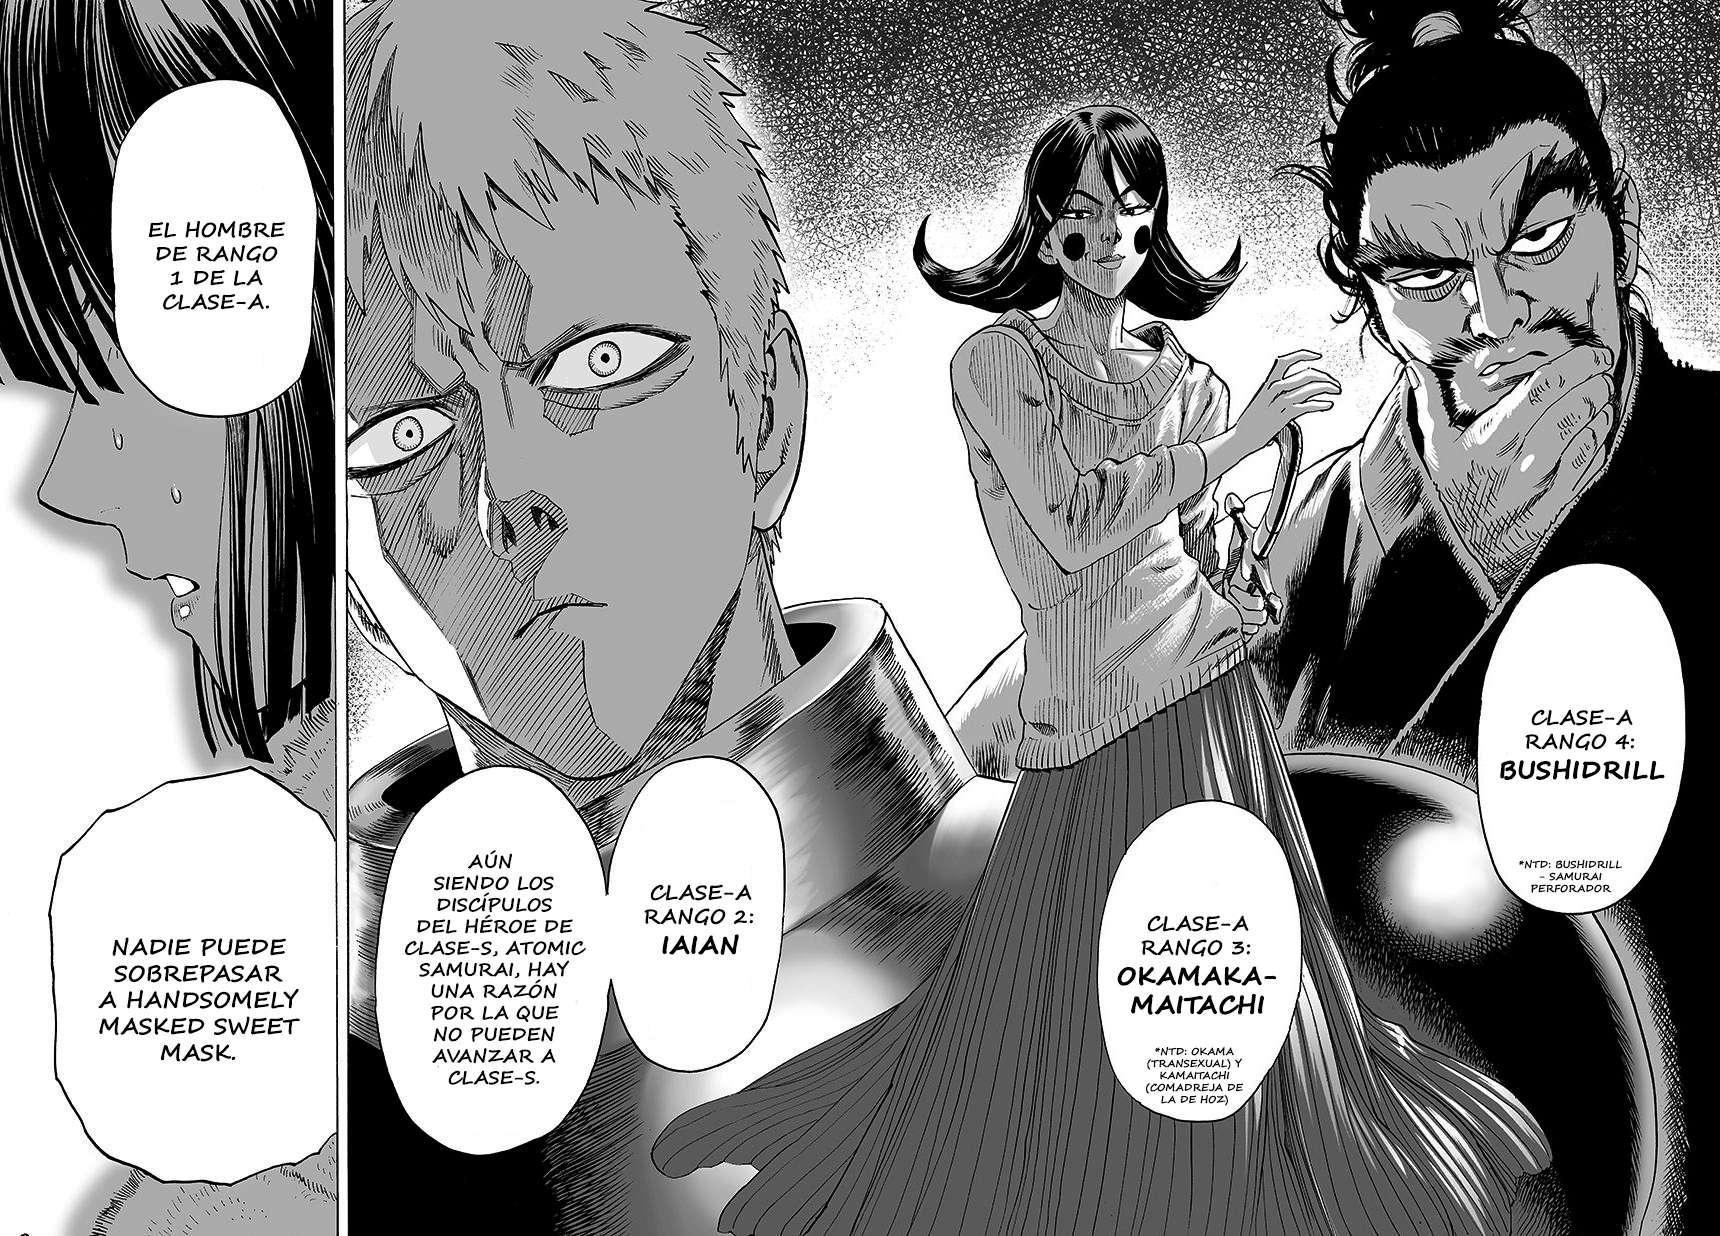 http://c5.ninemanga.com/es_manga/21/14805/362340/110e71dd8e23f87f715956349fdd0fd7.jpg Page 7